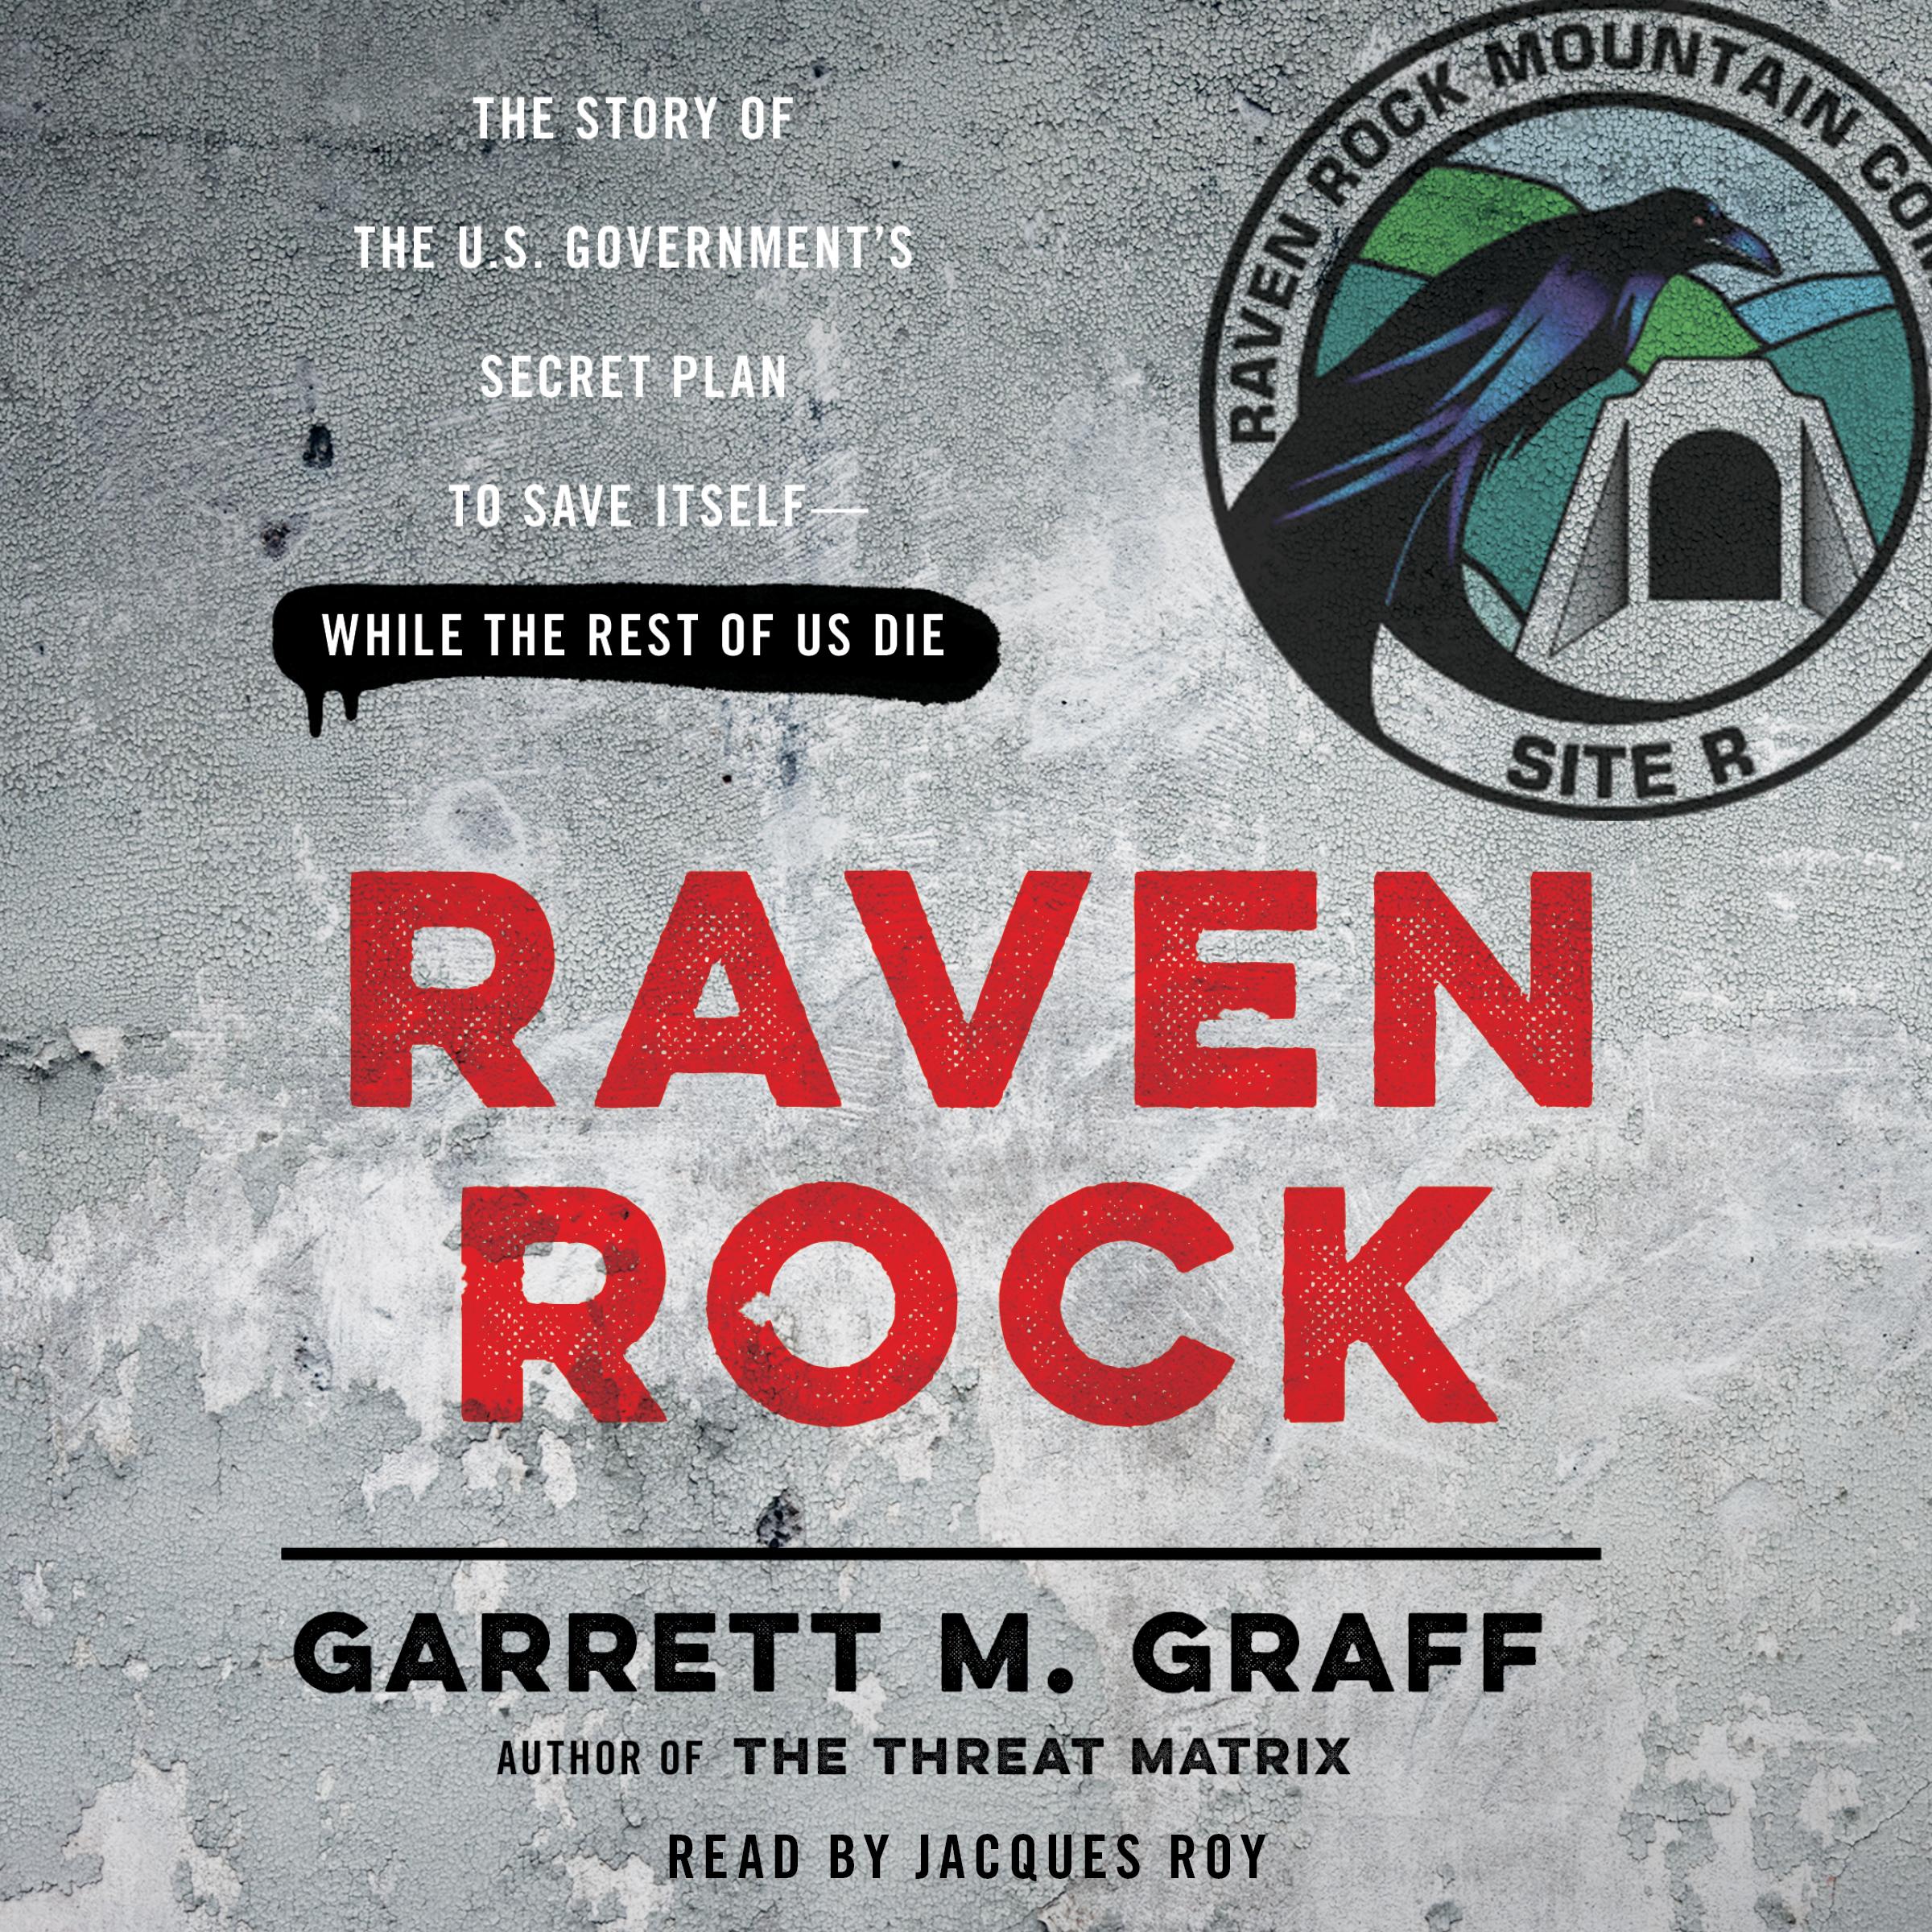 Raven rock 9781508237860 hr